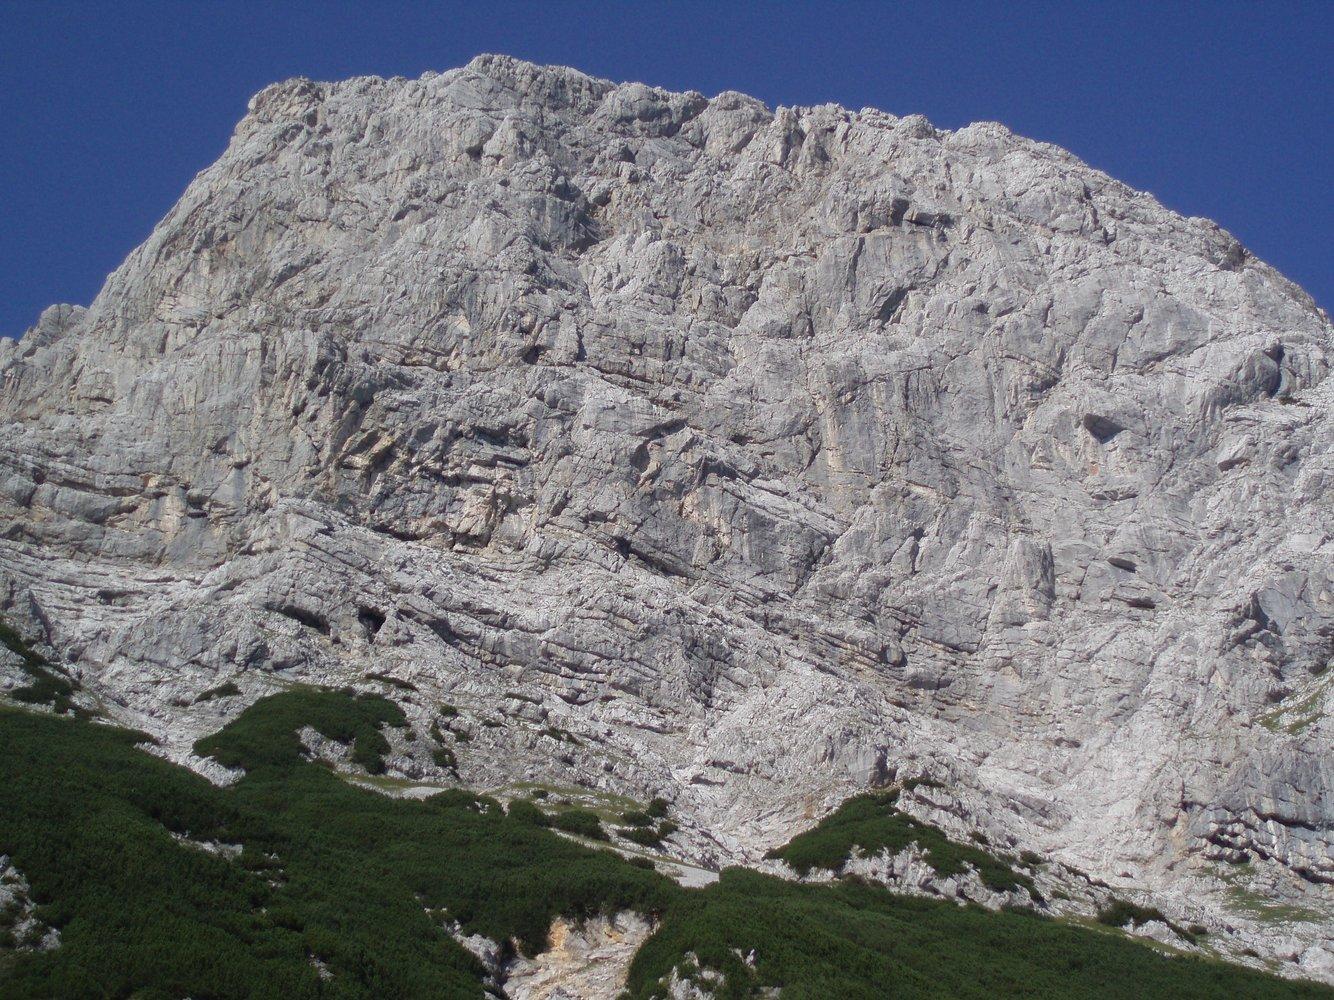 Klettersteig Buchstein : Südwandband klettersteig buchstein bergsteigen.com